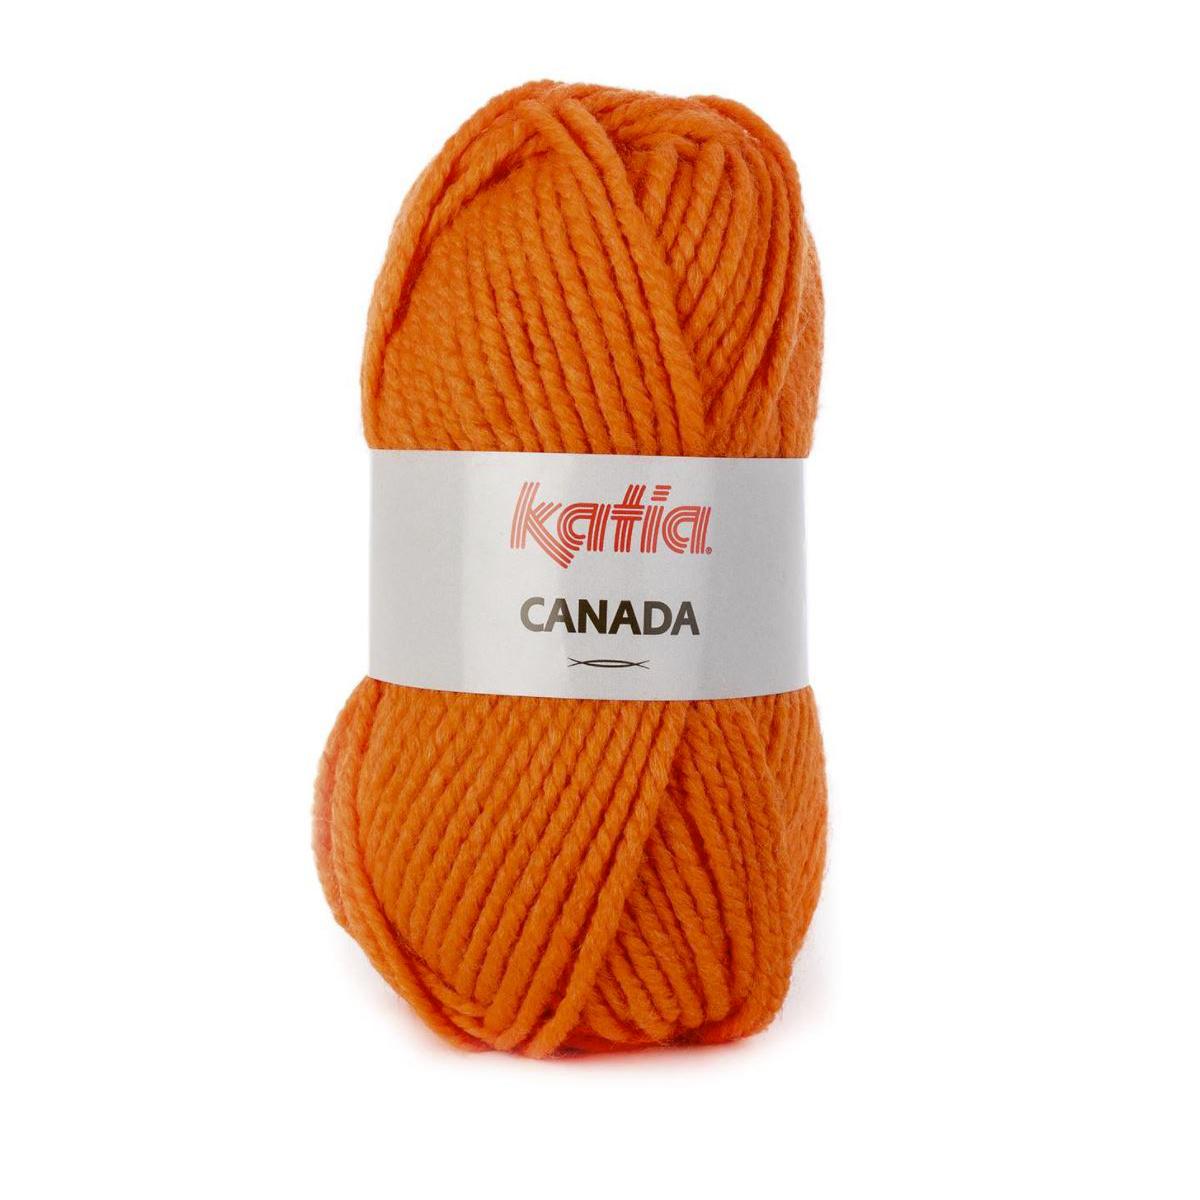 Canada 46 bright orange